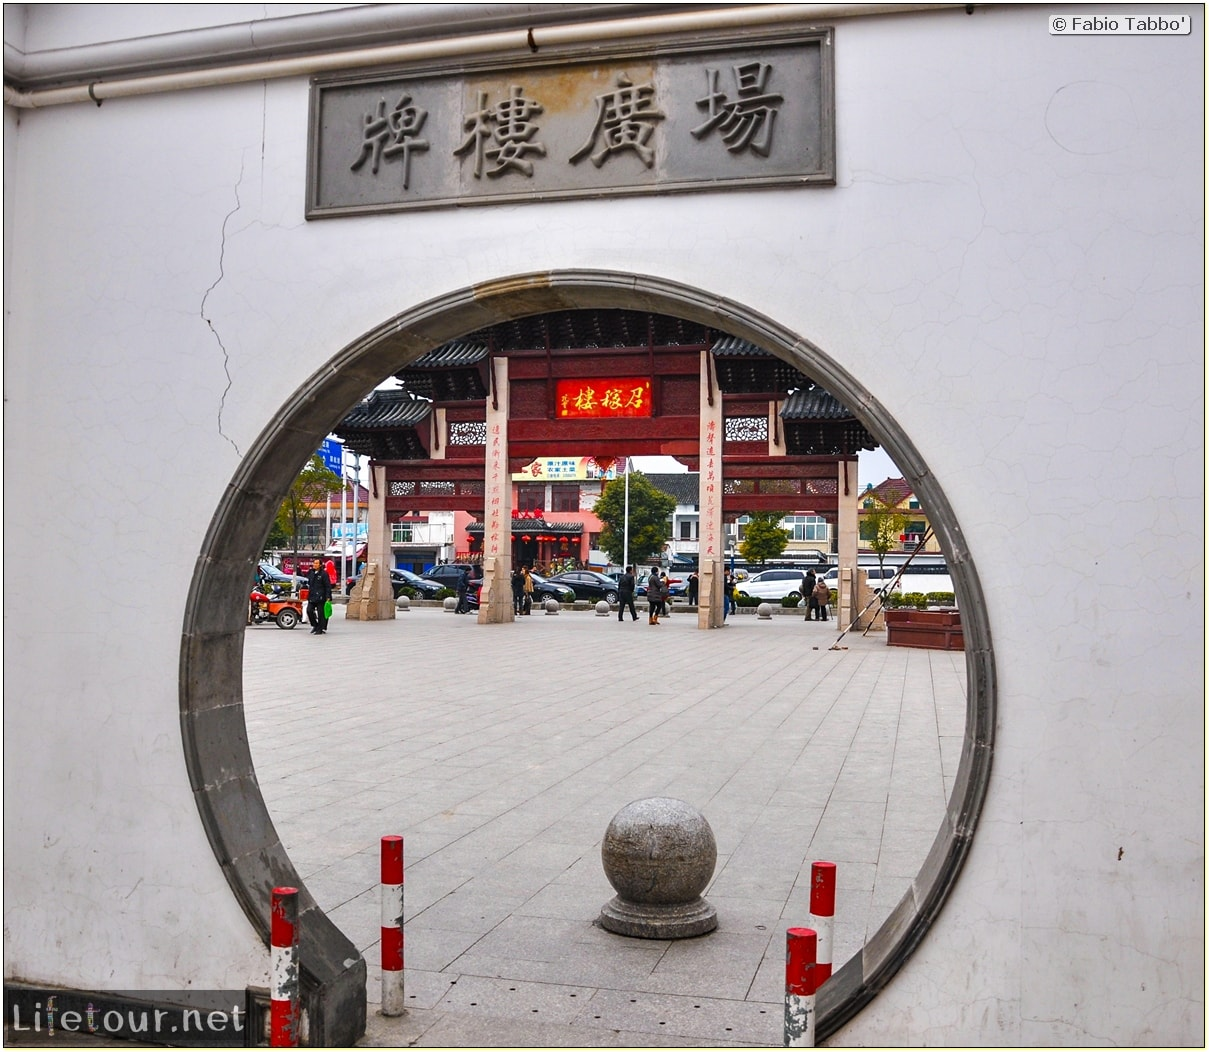 Fabio's LifeTour - China (1993-1997 and 2014) - Shanghai (1993 and 2014) - Tourism - Zhao Jia Lou - 4188